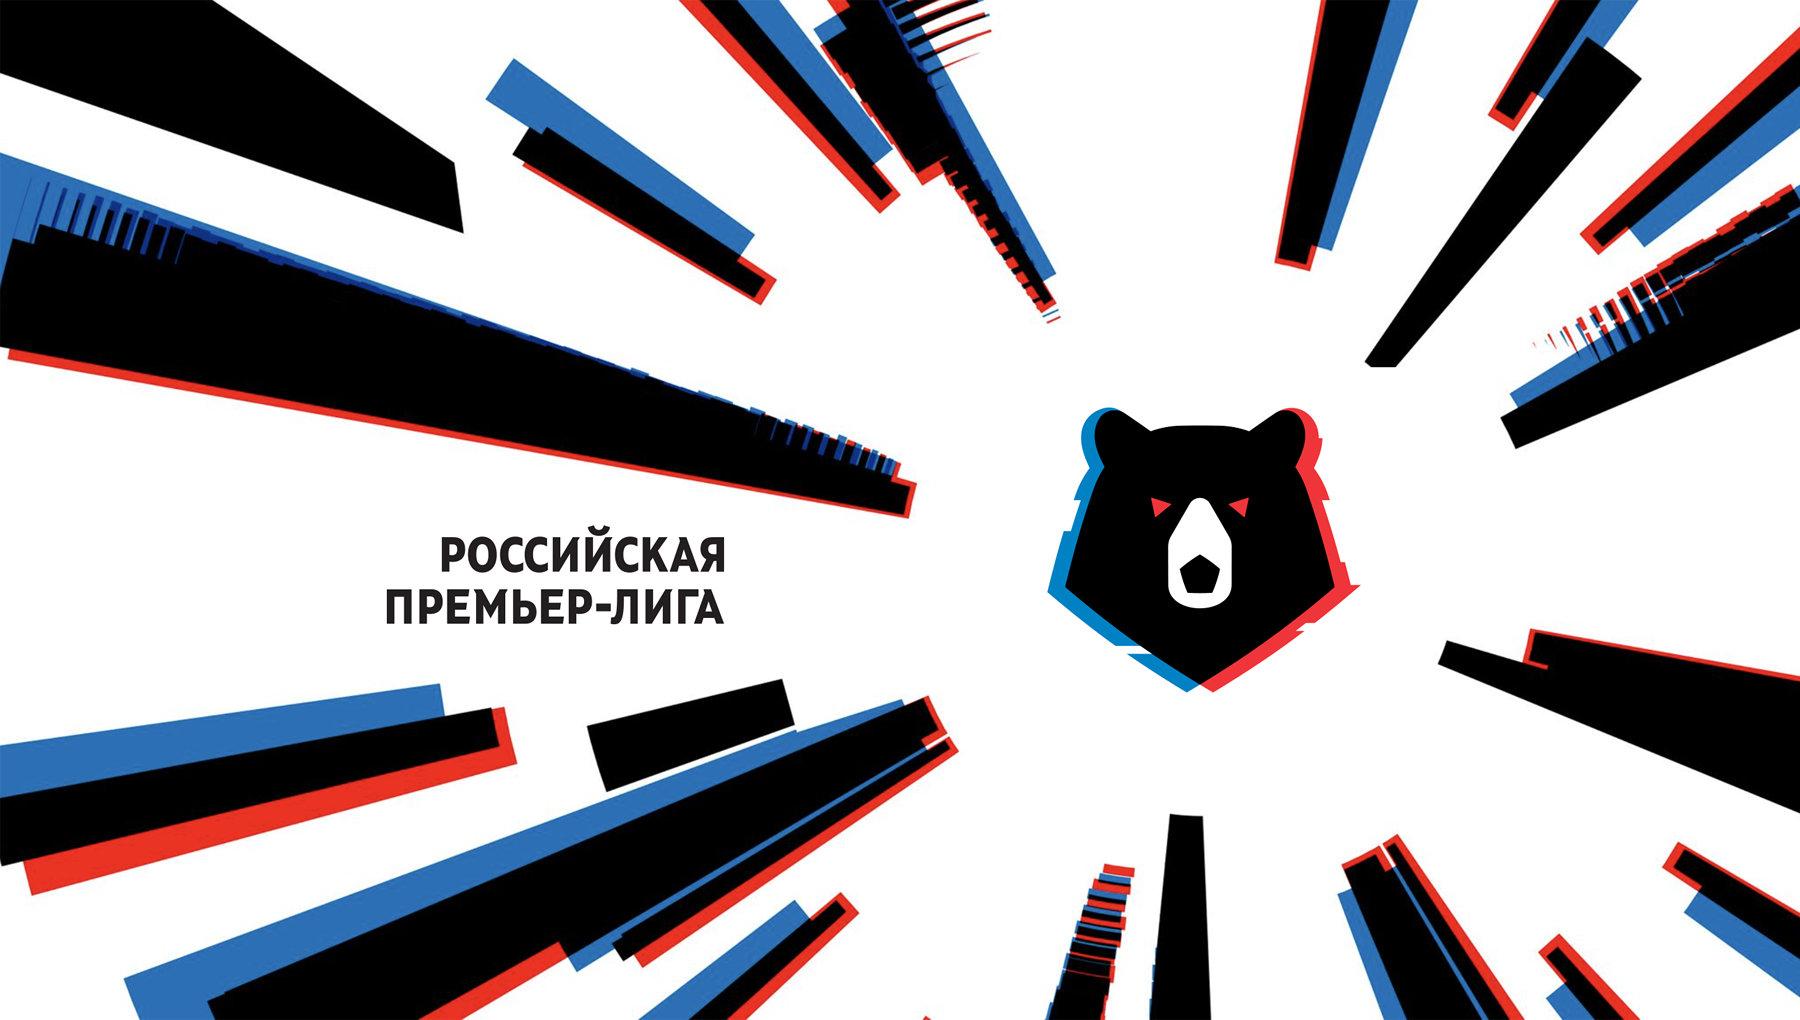 Nuevo logo de la Premier League de Rusia | Imagen RFPL